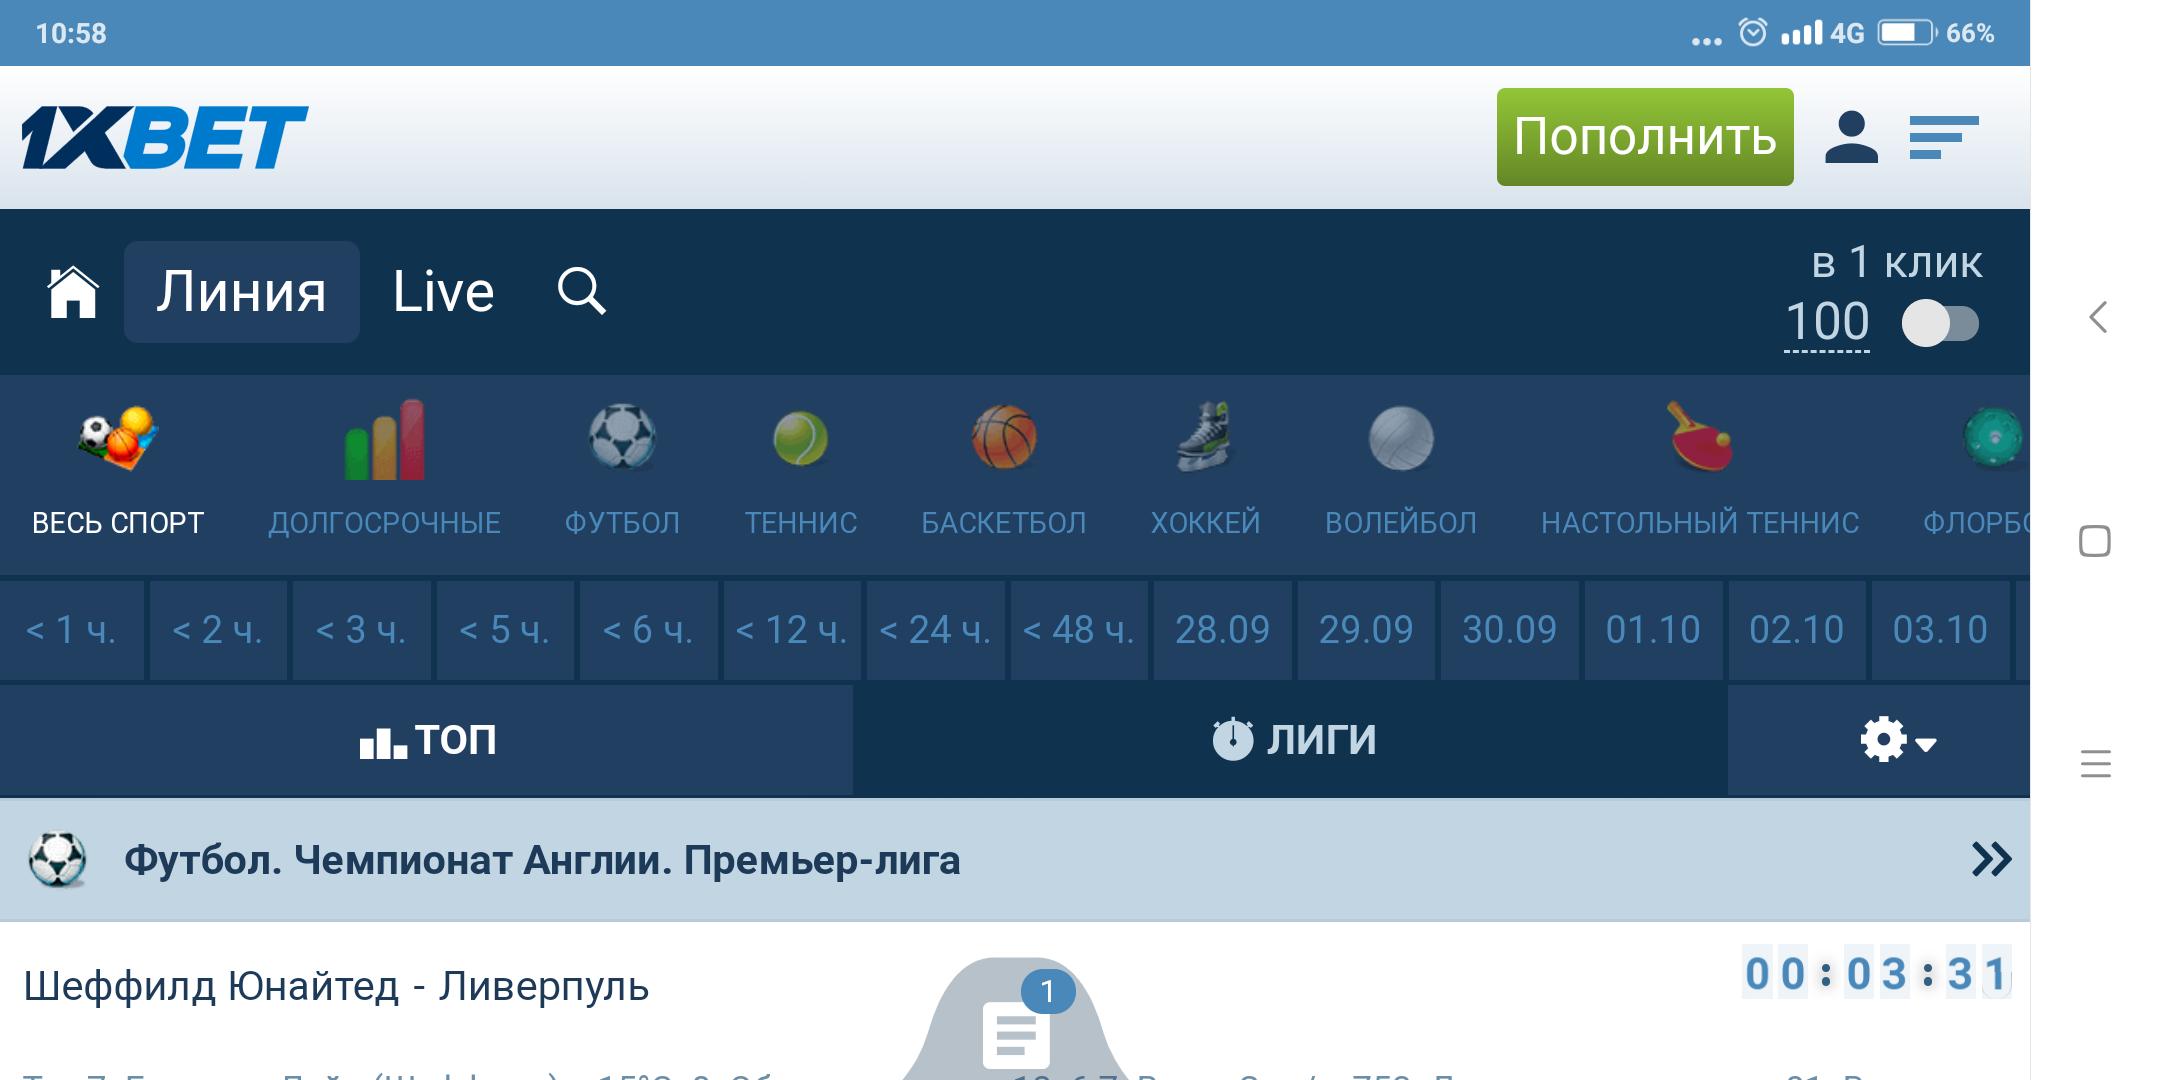 Динамо СПб - Зенит, 21 сентября 2017, прогноз и ставки